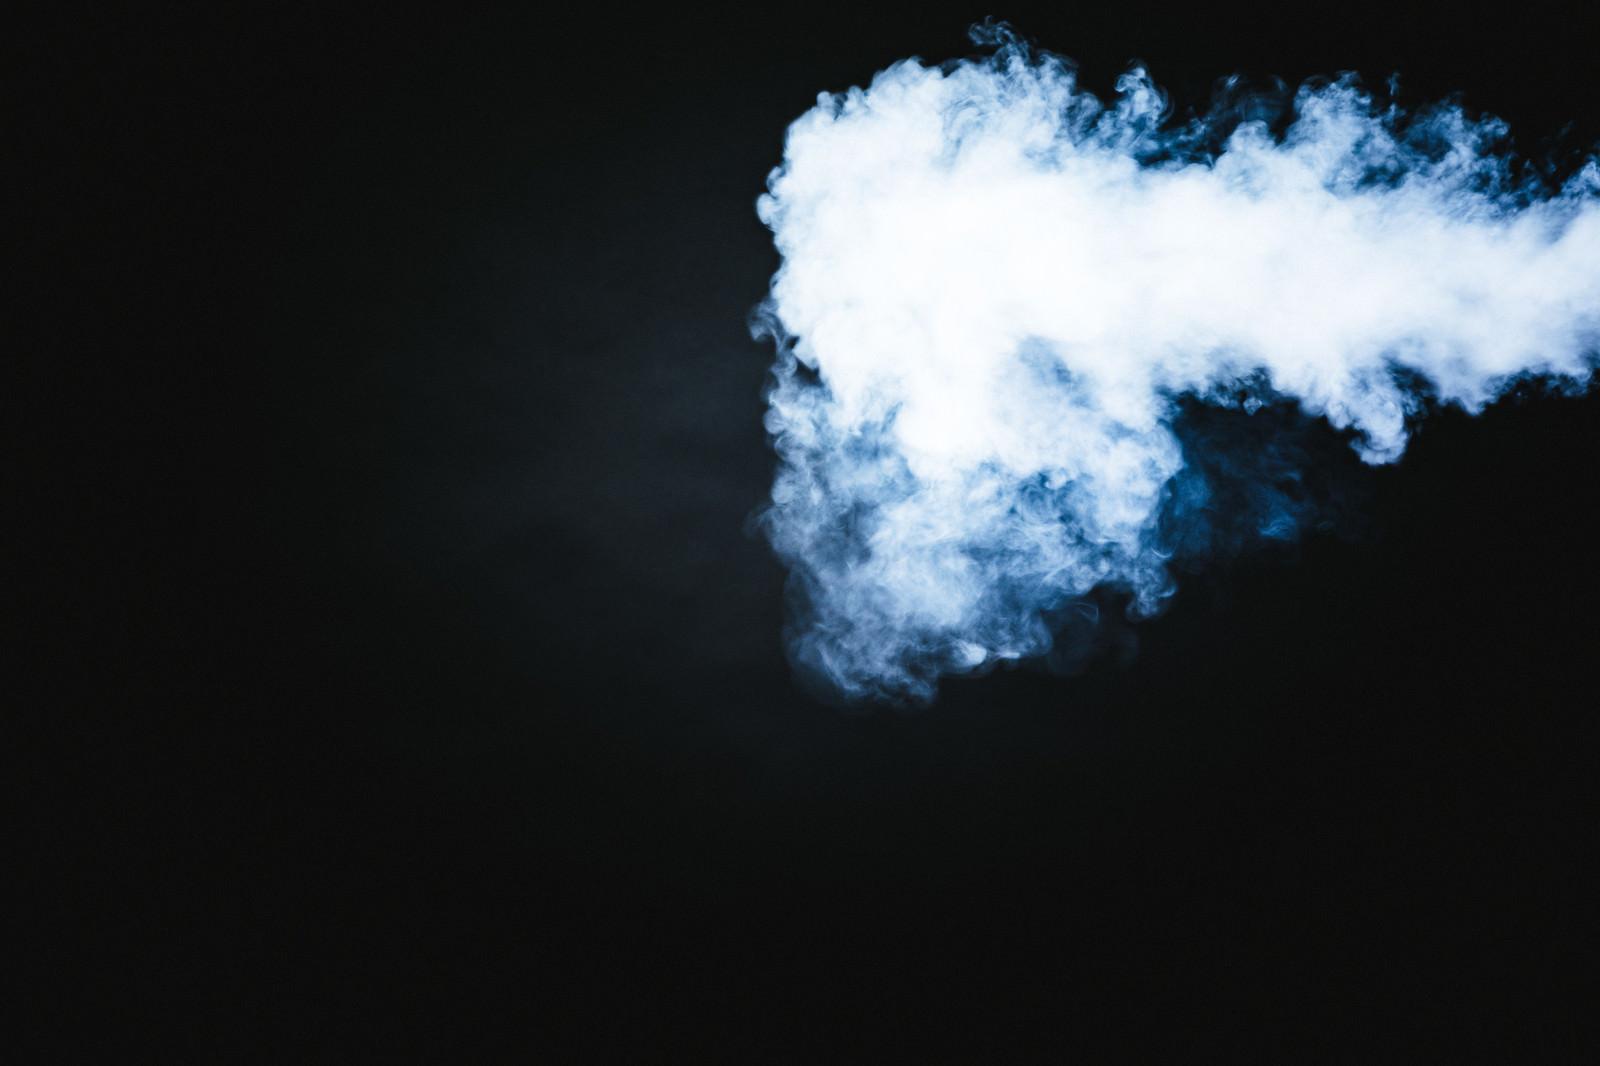 「濃い煙が噴射された」の写真